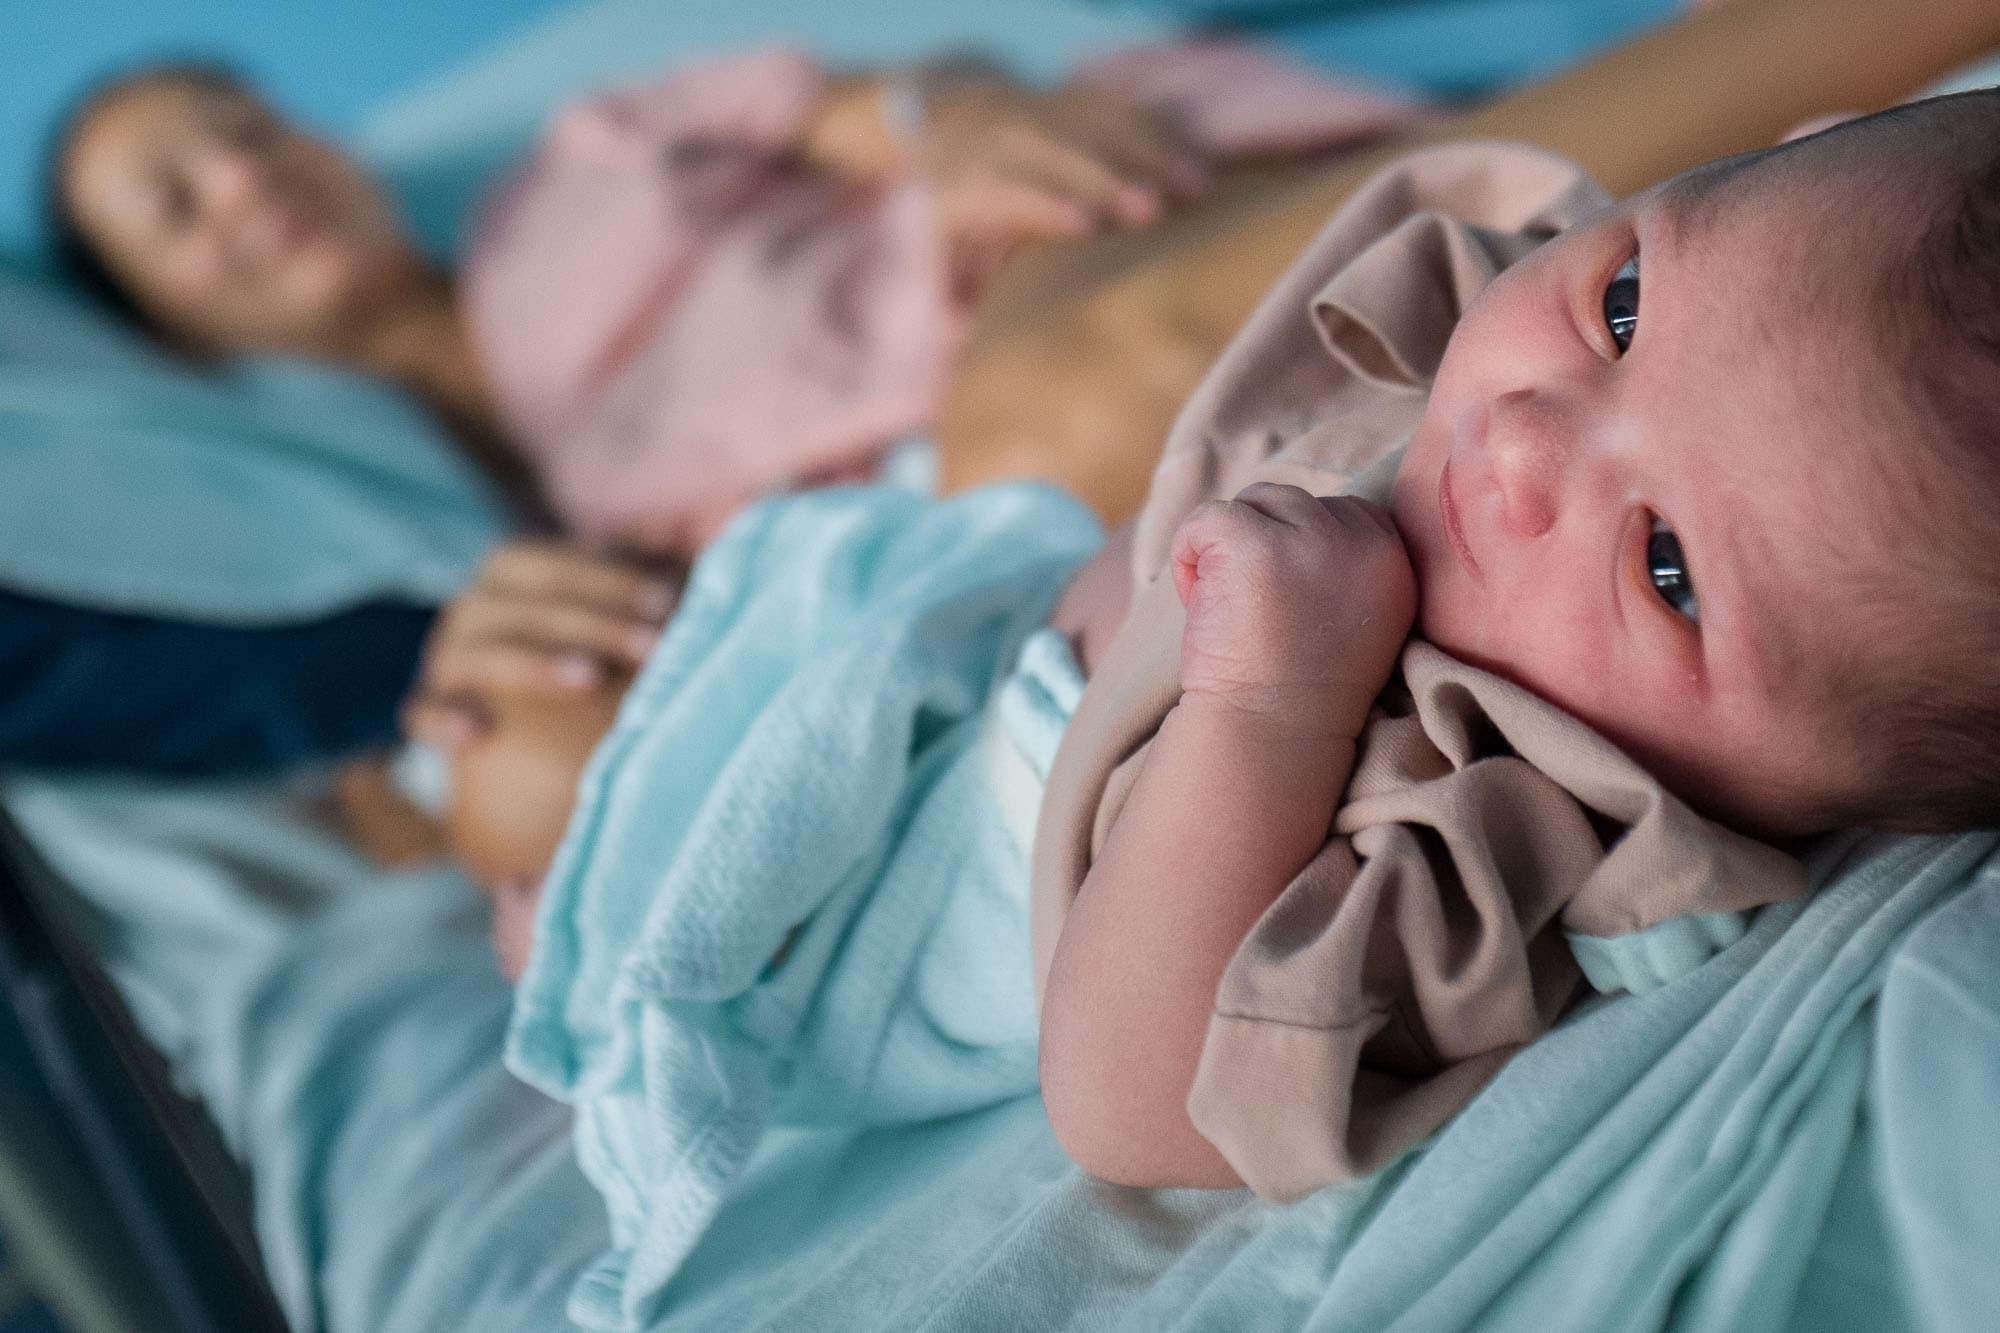 Baby born at hospital